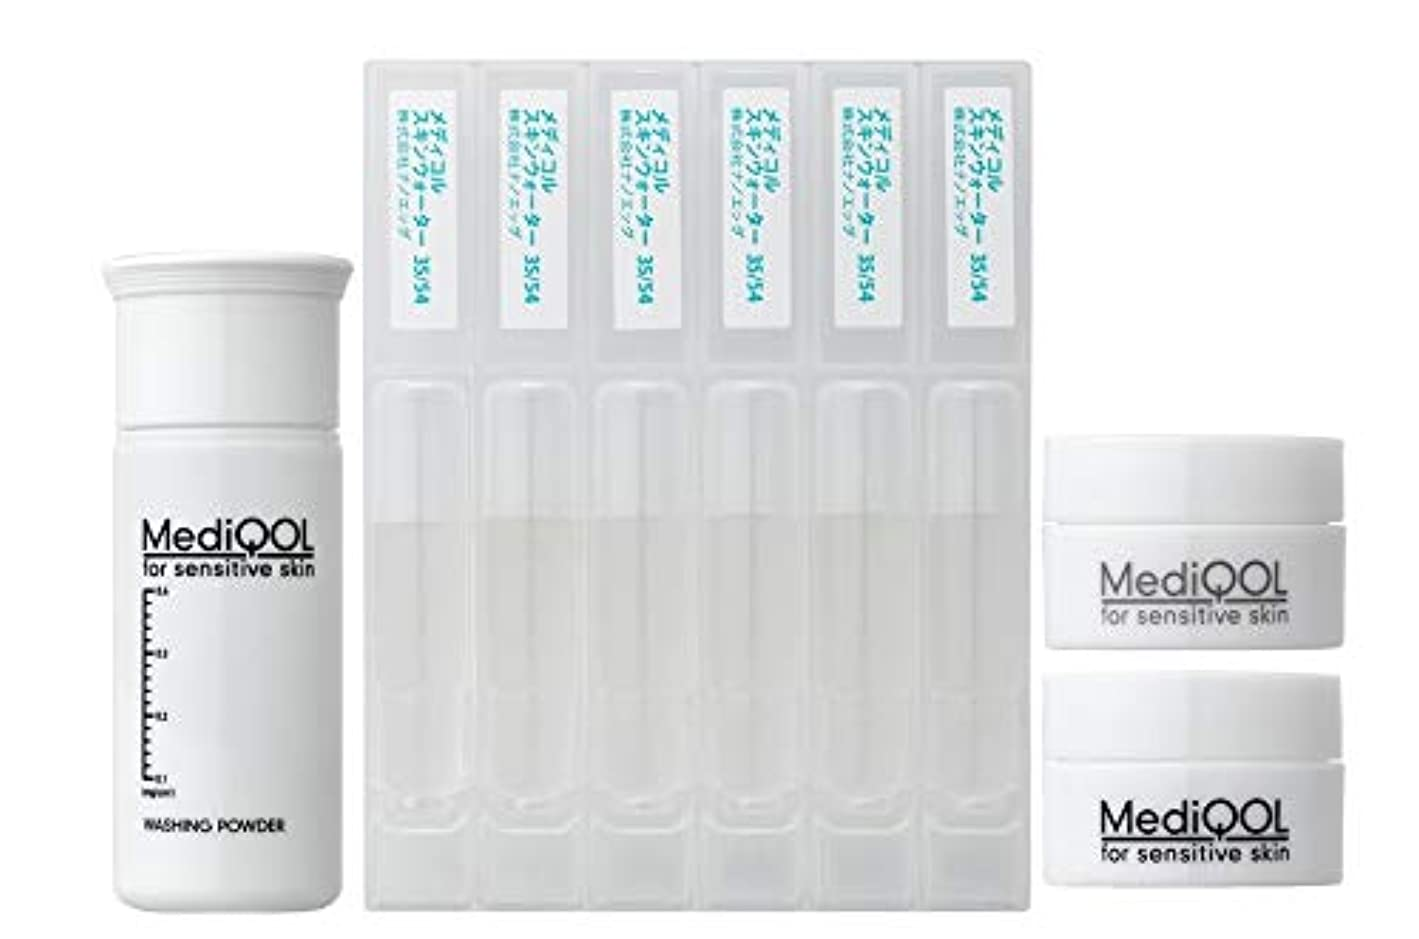 収益季節内訳メディコル 3日間 トライアルセット 乾燥?敏感肌用 洗顔 化粧水 保湿クリーム スキンチェッカー付き